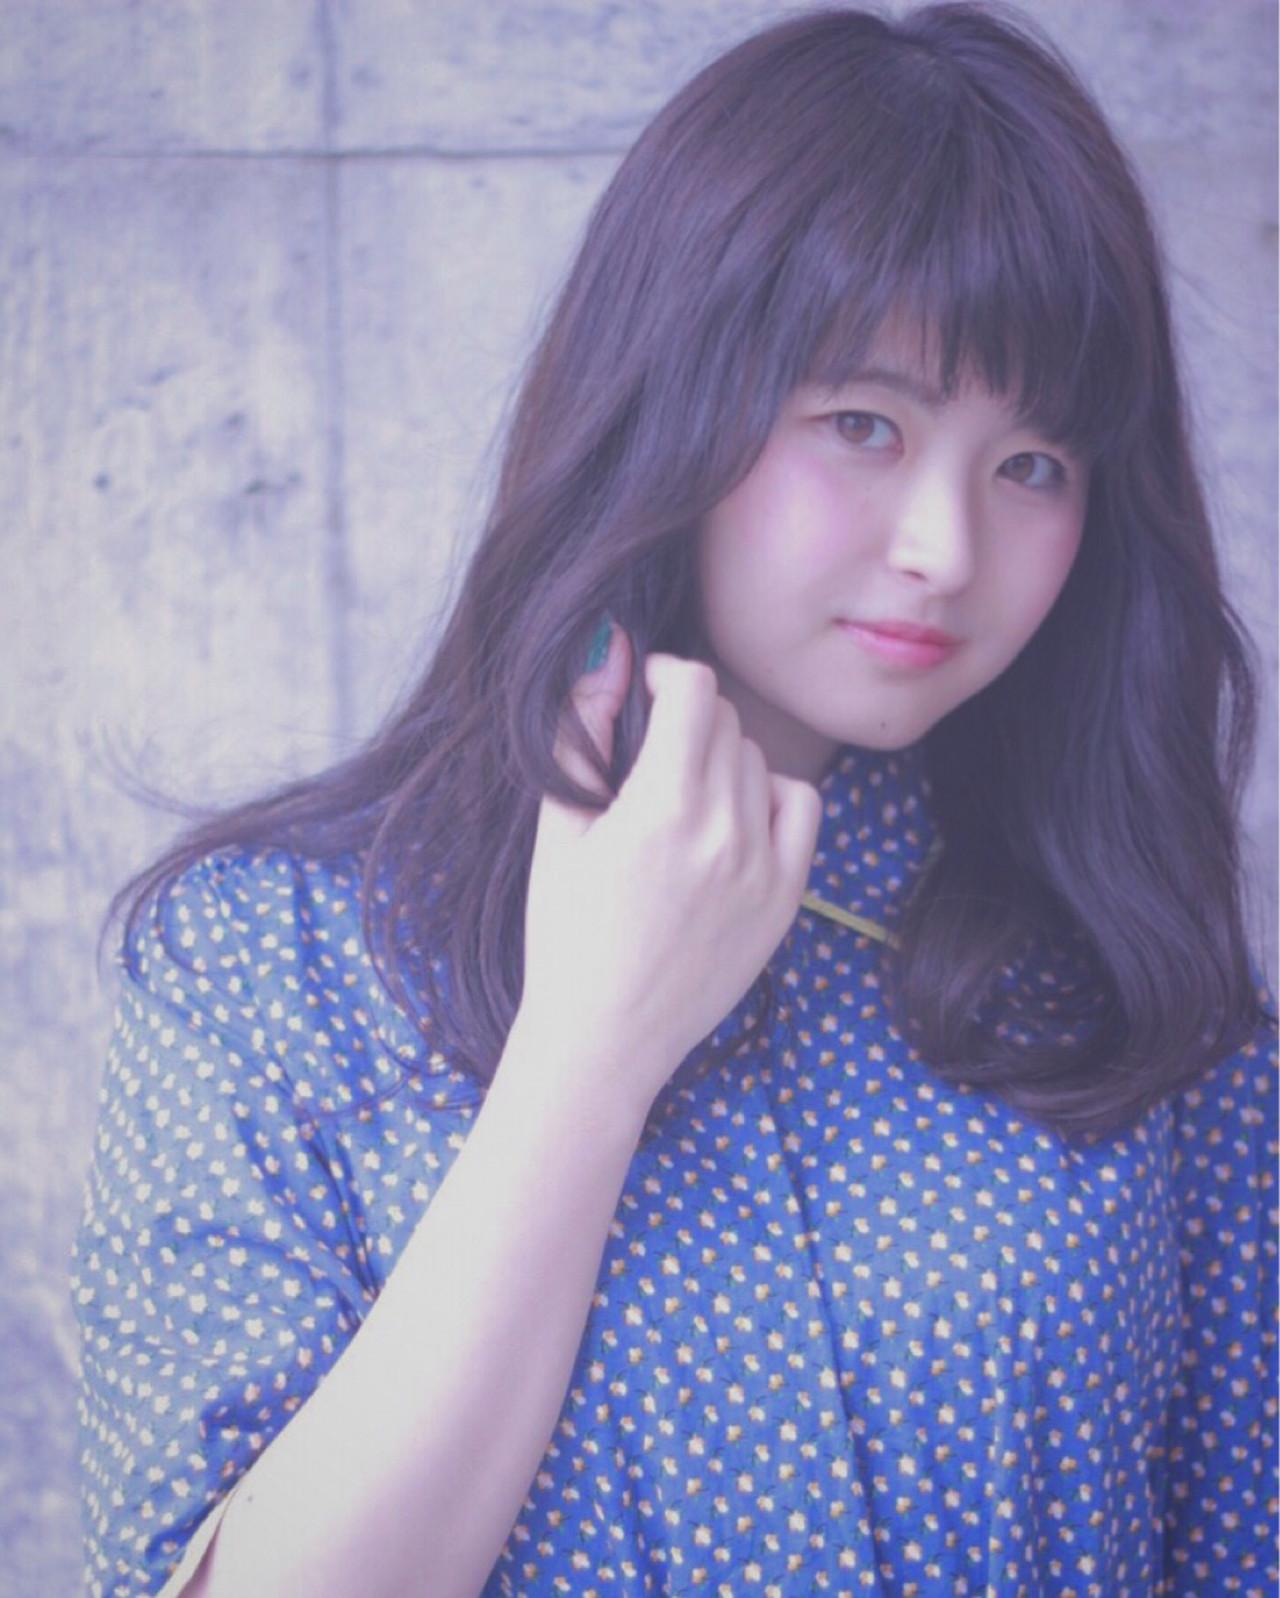 デート 前髪あり アッシュ 外国人風 ヘアスタイルや髪型の写真・画像 | Reina /